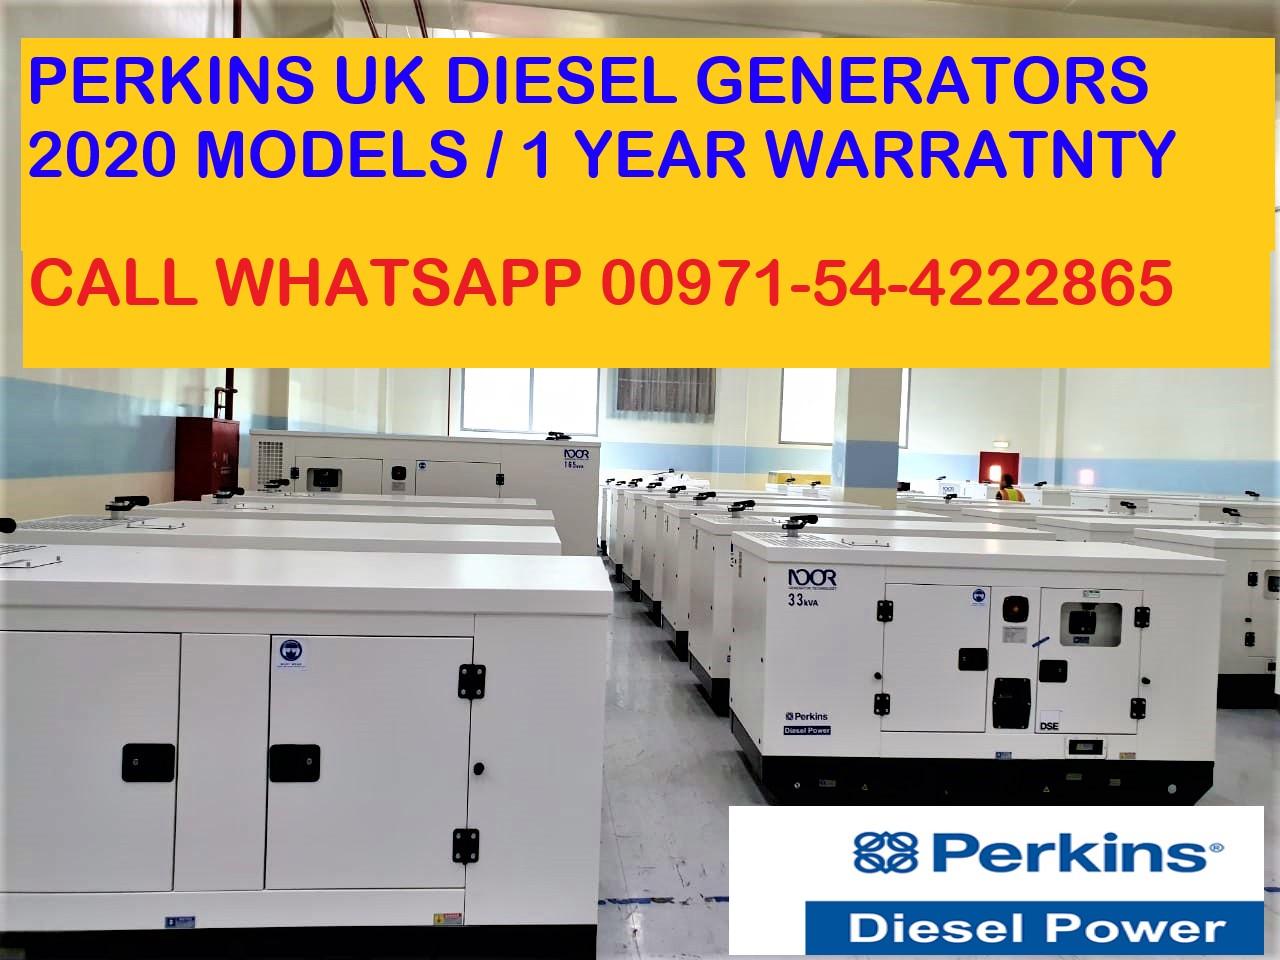 Perkins UK Diesel Generators Model 2020